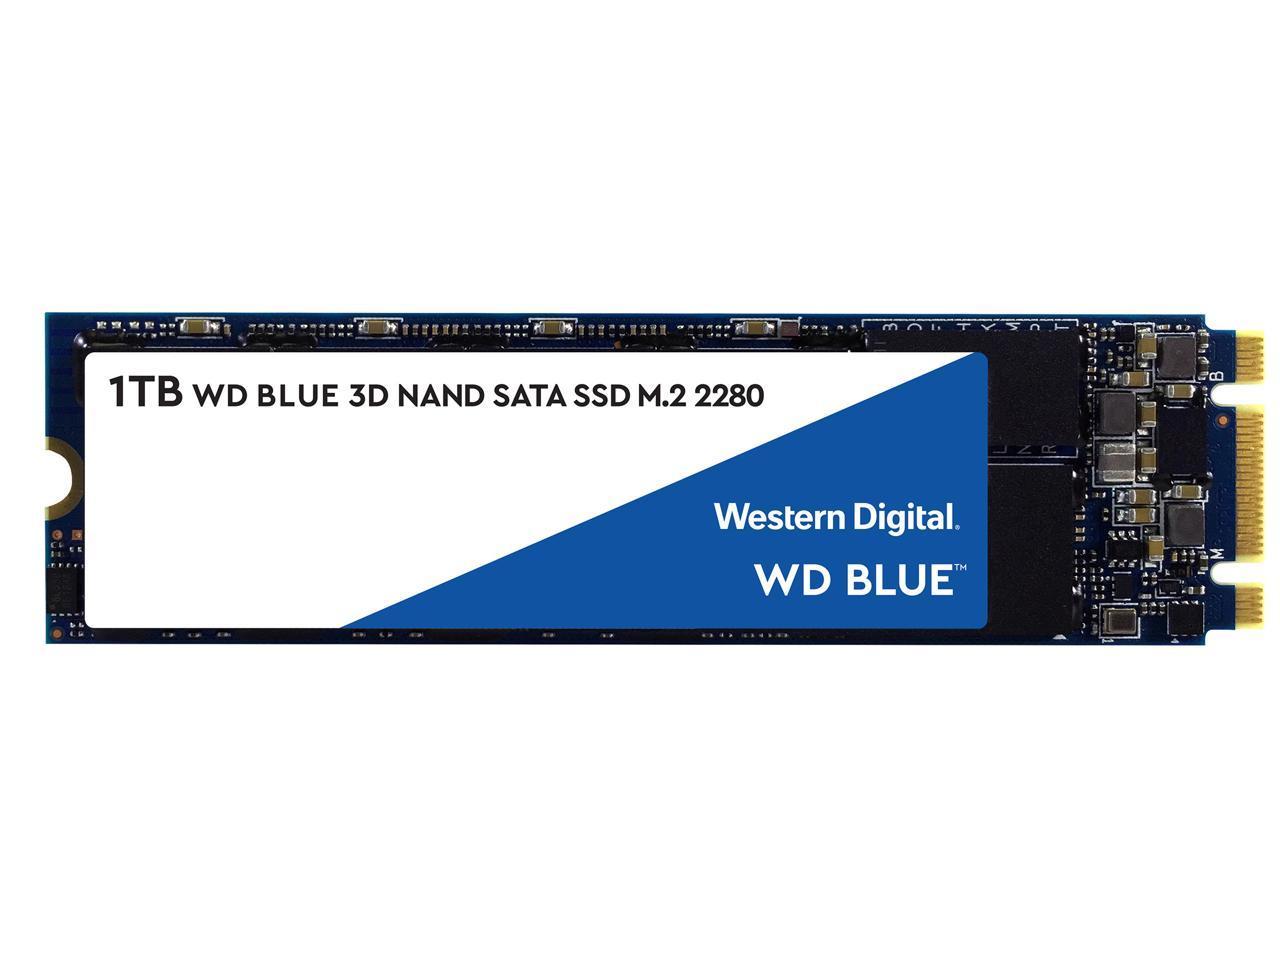 WD Blue 3D NAND 1TB Internal SSD - SATA III 6Gb/s M.2 2280 Solid State Drive - WDS100T2B0B $99.99 + tax YMMV